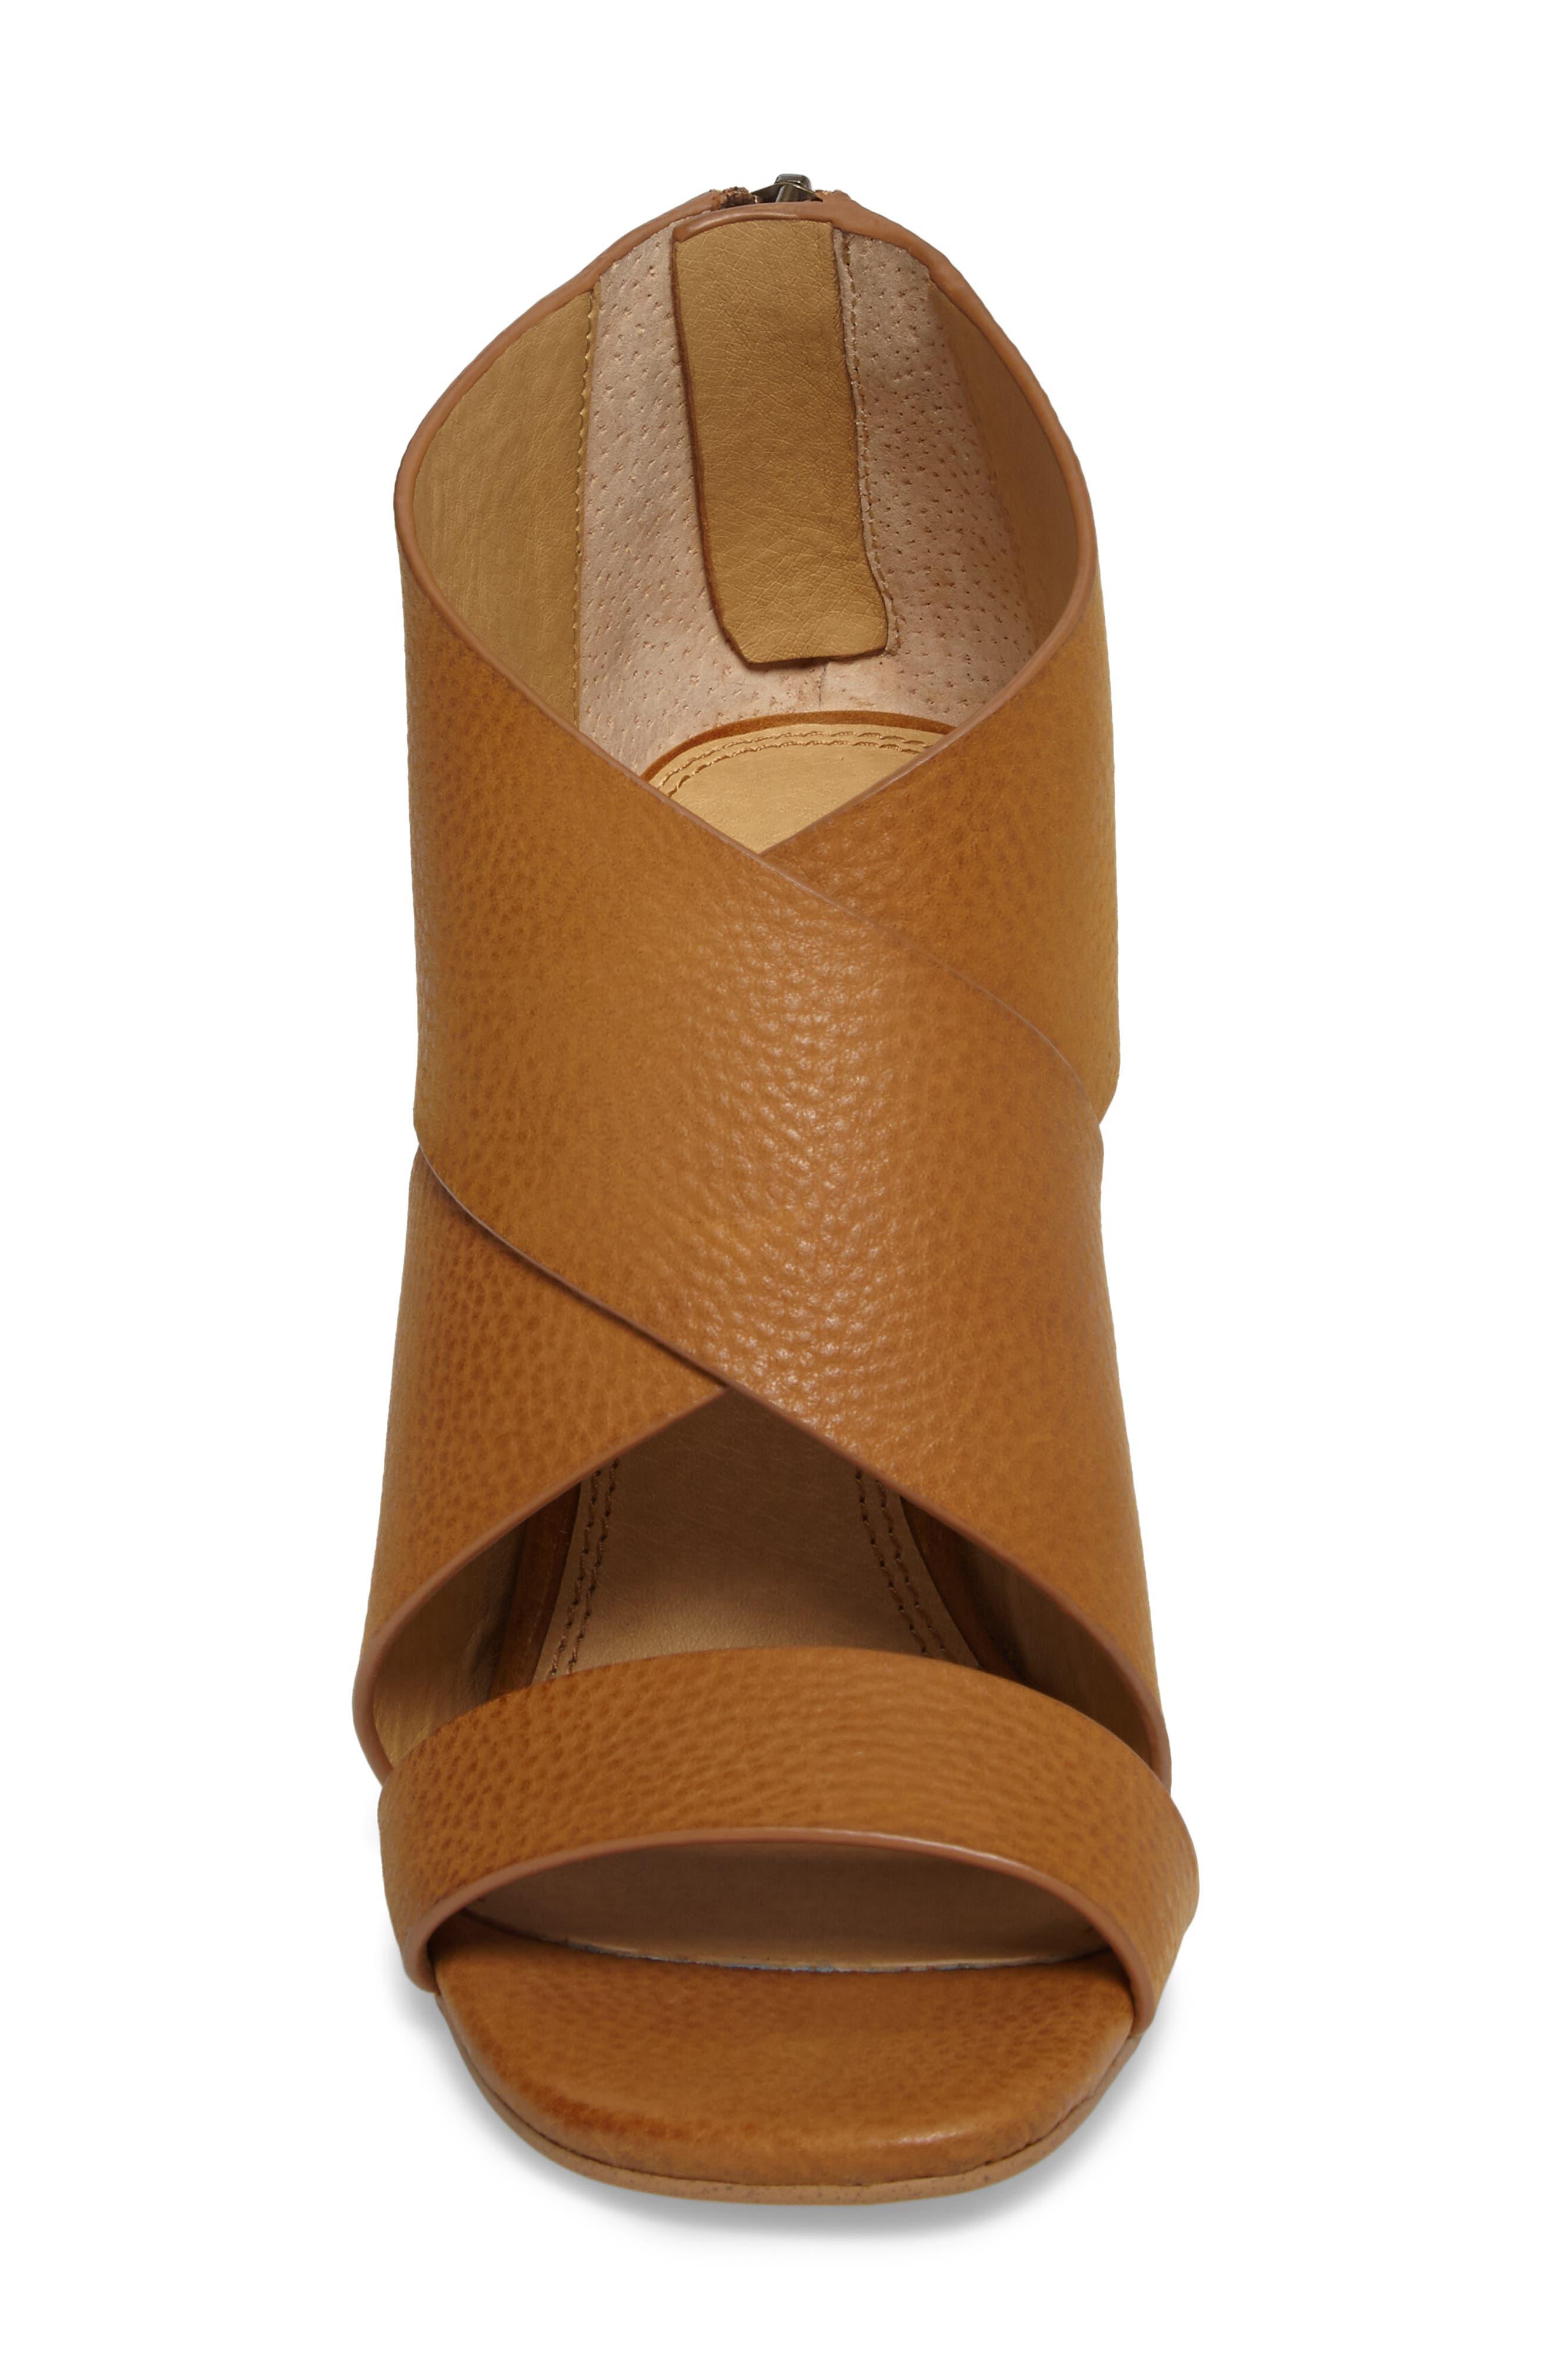 Danett Cross Strap Sandal,                             Alternate thumbnail 12, color,